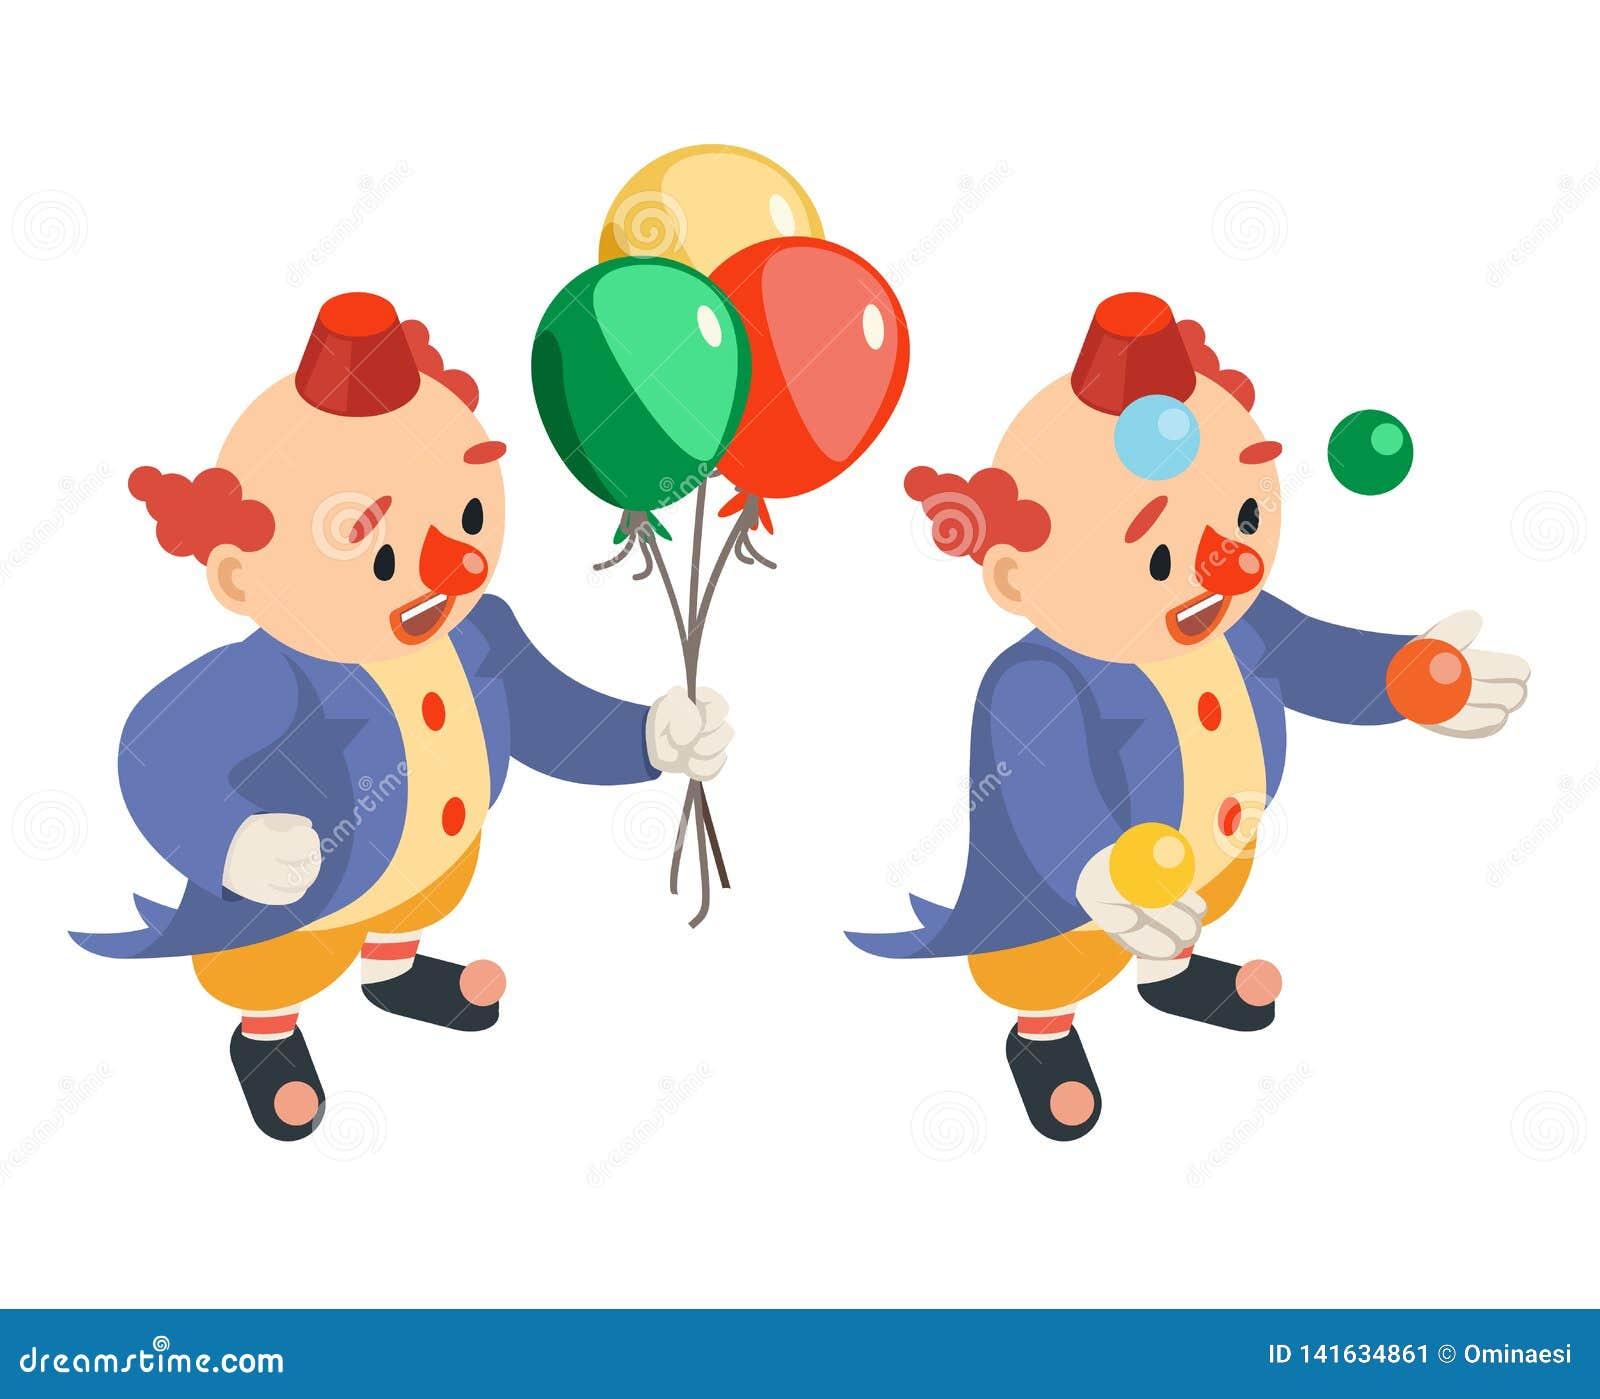 Les Ballons Isometriques De Jonglerie De Cirque De Representation